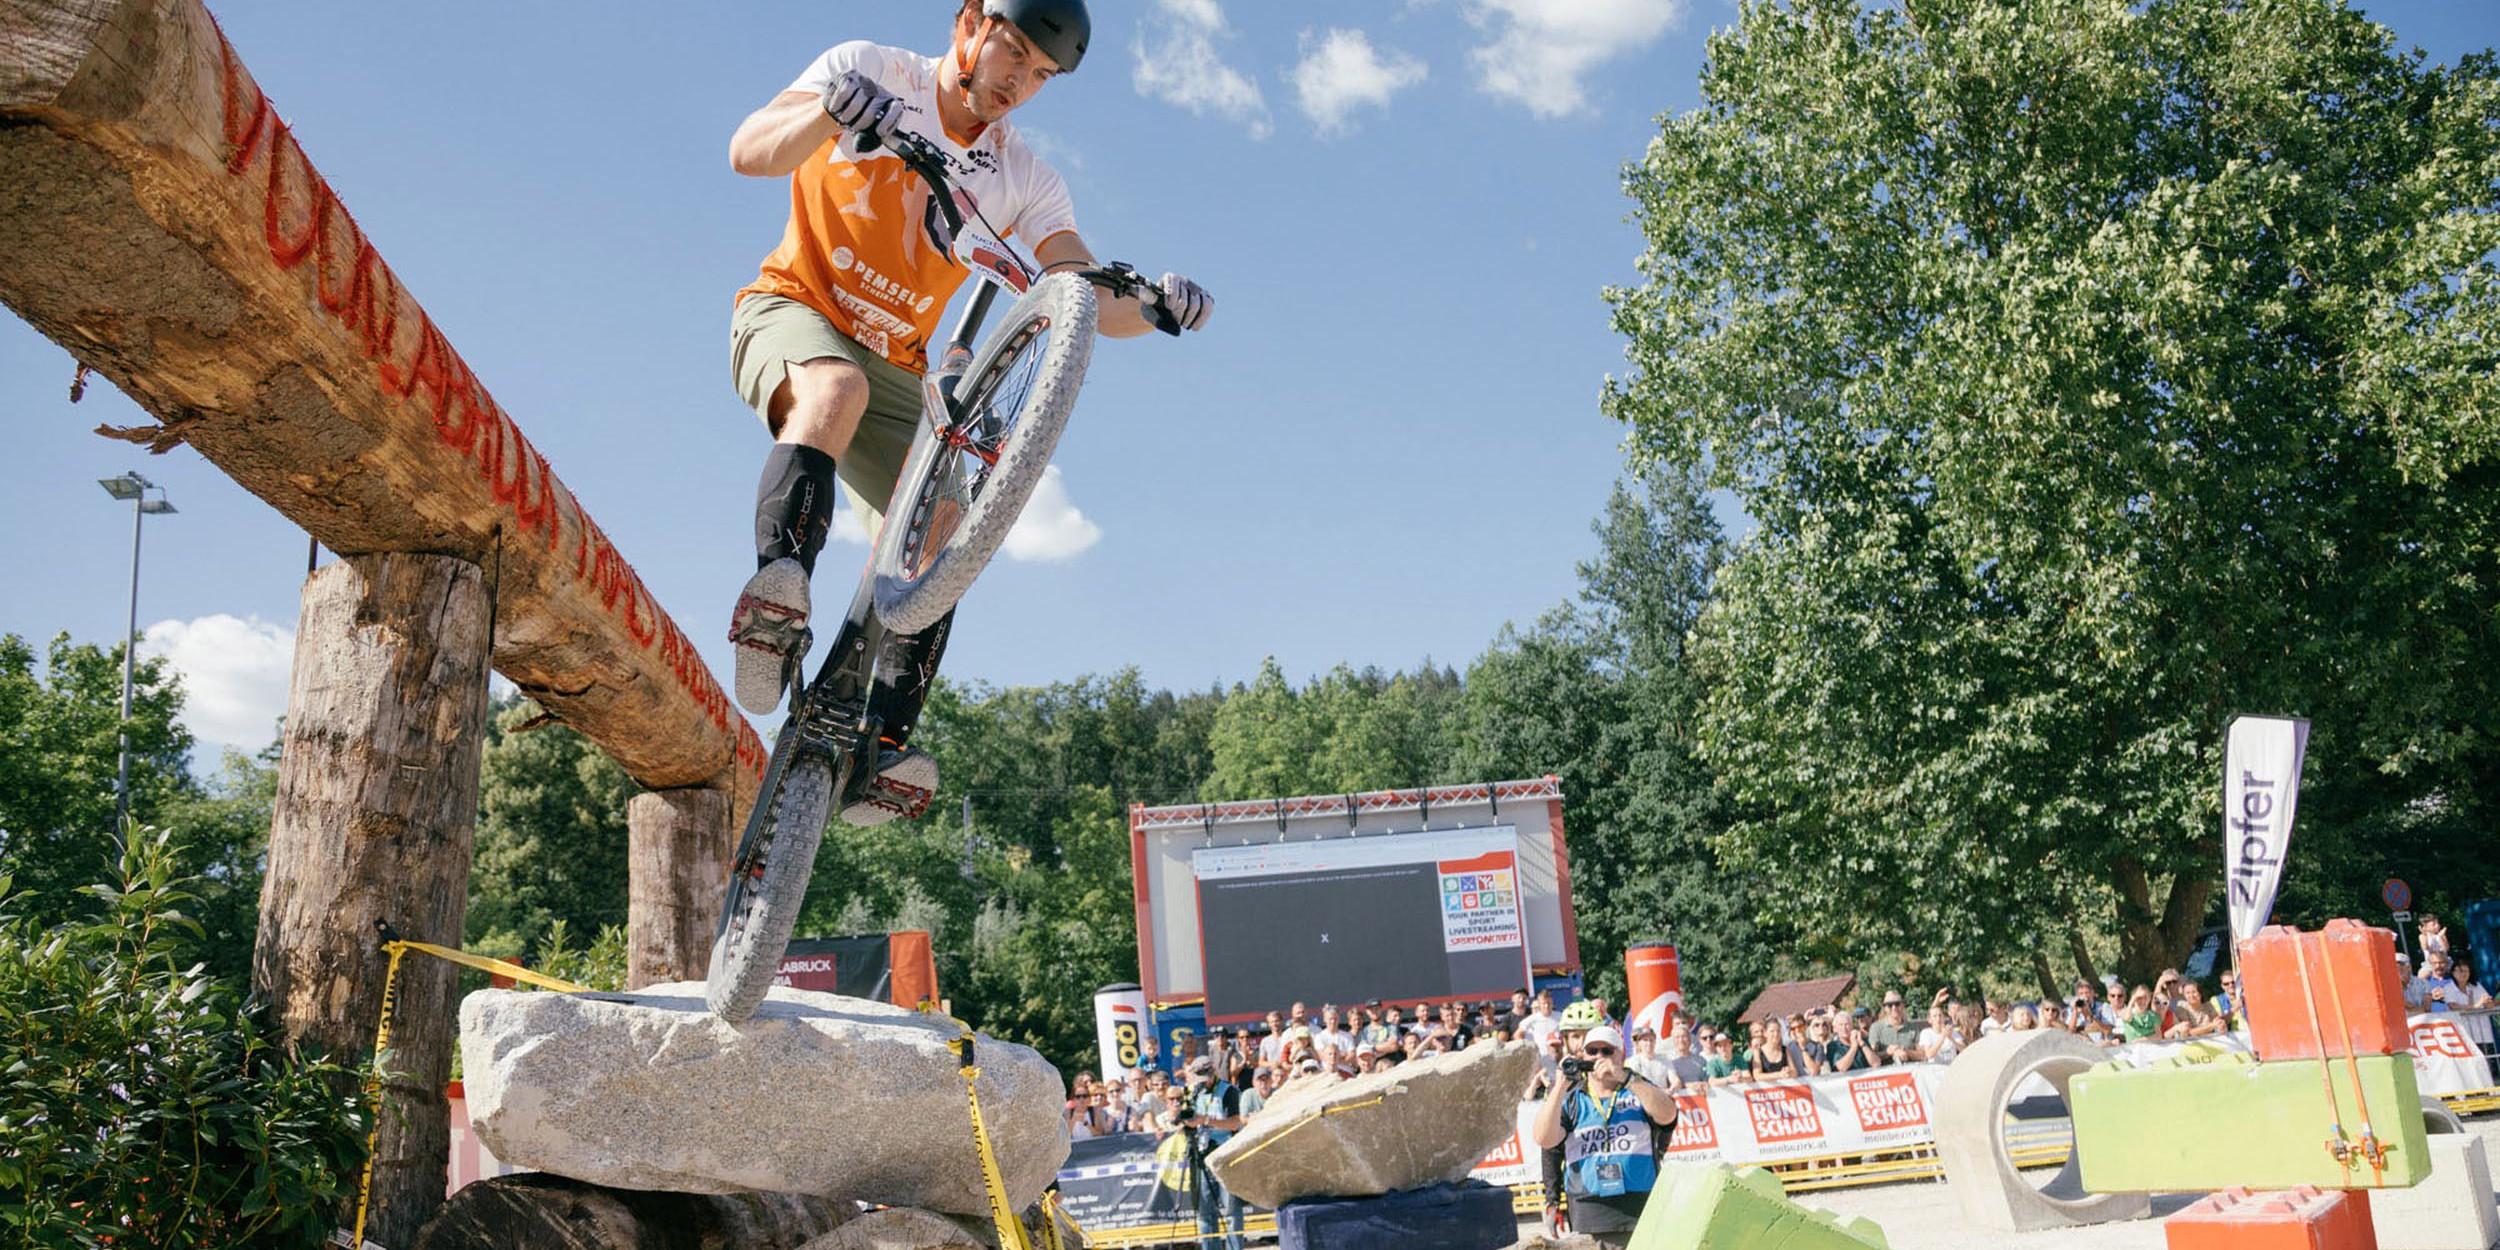 5. Trials Weltcup in Salzburg